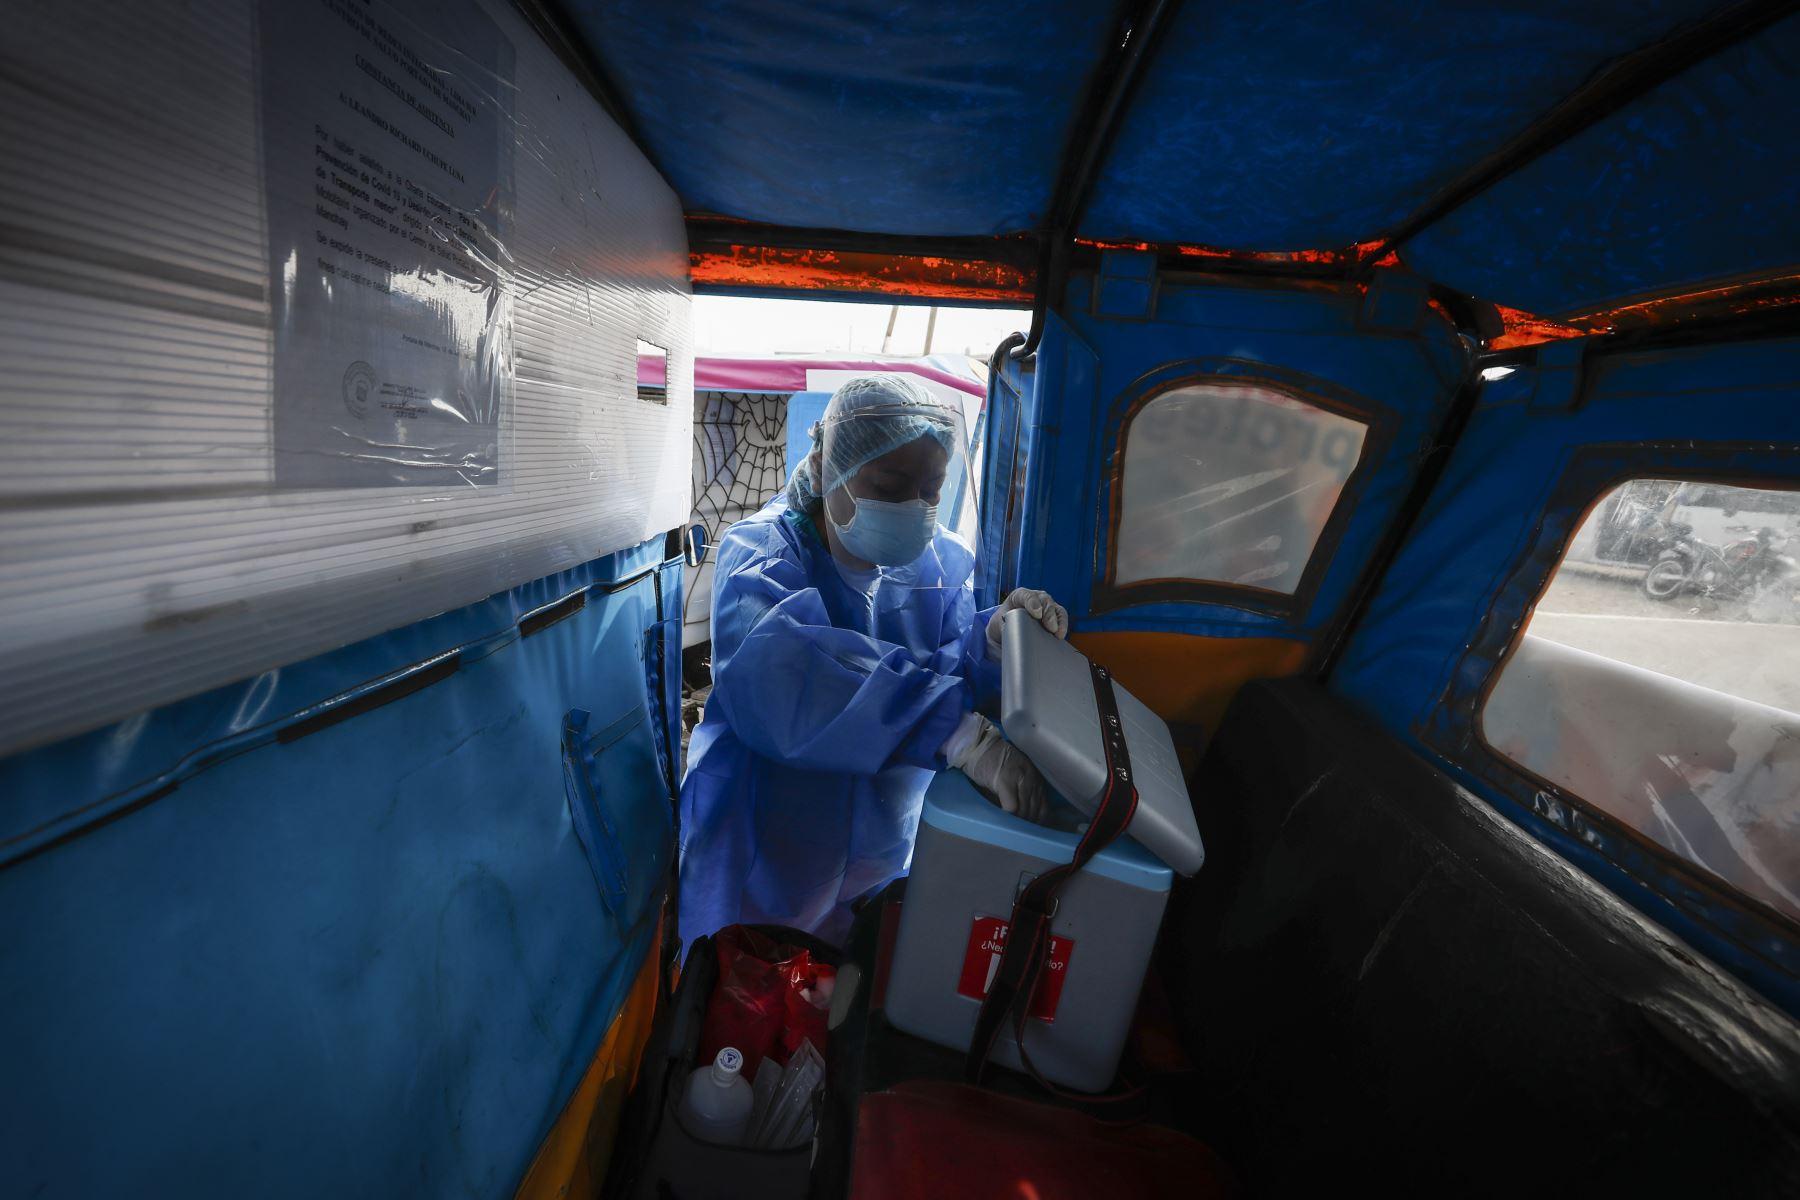 Estas brigadas de vacunación tienen como objetivo apoyar a los establecimientos de salud en la vacunación de neumococo e influenza a menores de cinco años, adultos mayores, gestantes y personas con enfermedades crónicas. Foto: ANDINA/Renato Pajuelo